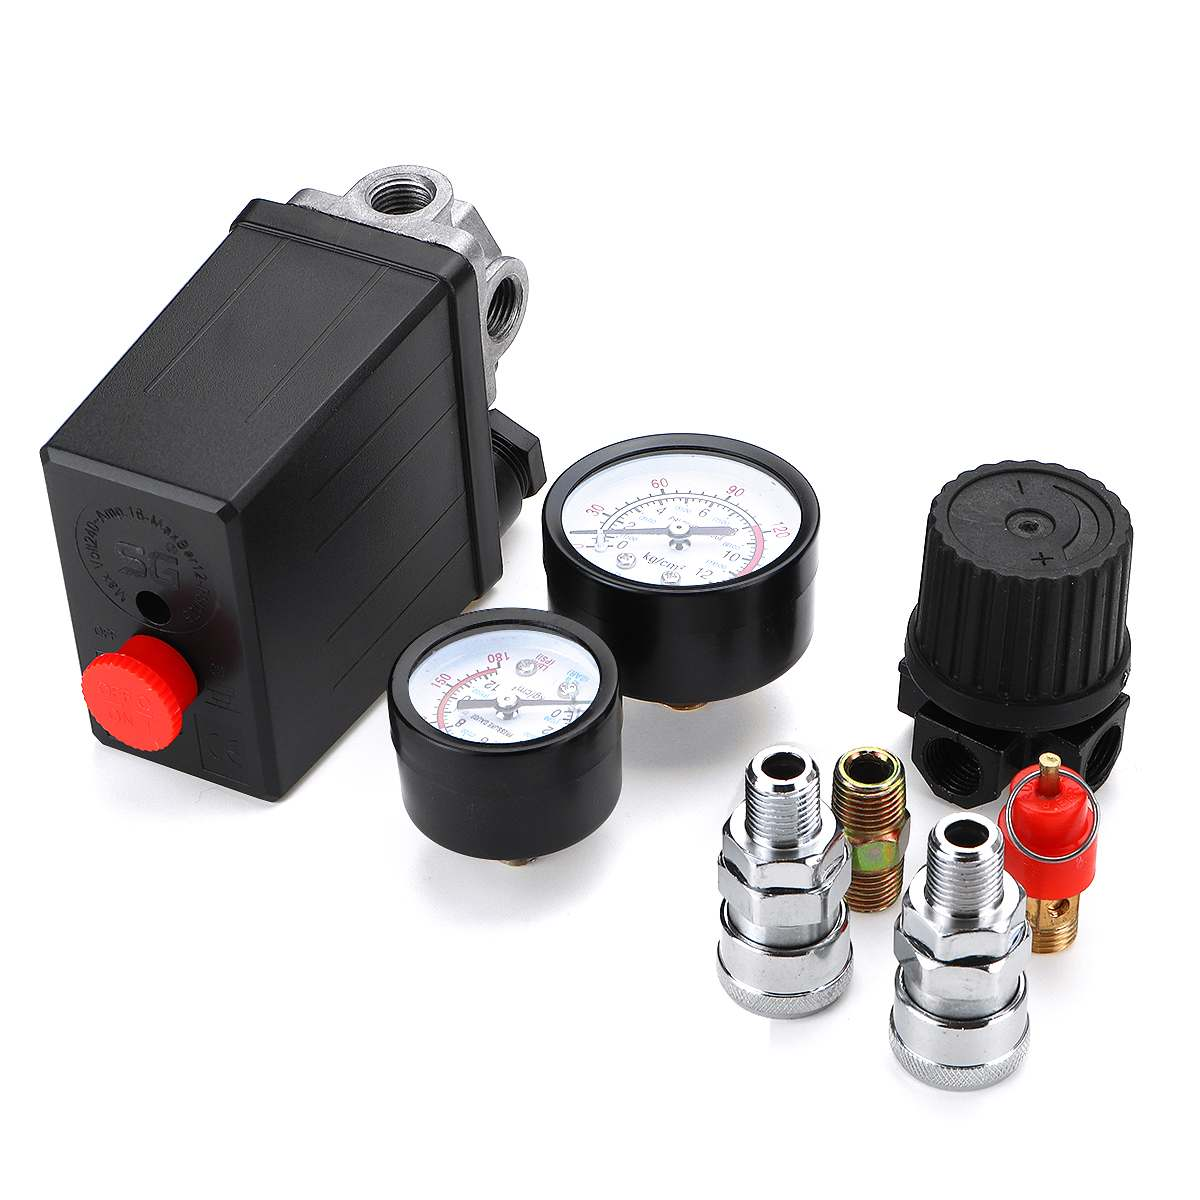 Image 2 - Воздушный компрессор насос переключатель контроля давления 4 порта 220В/380В регулятор сброса коллектора 30 120PSI контрольный клапан с манометромПневматические компоненты    АлиЭкспресс